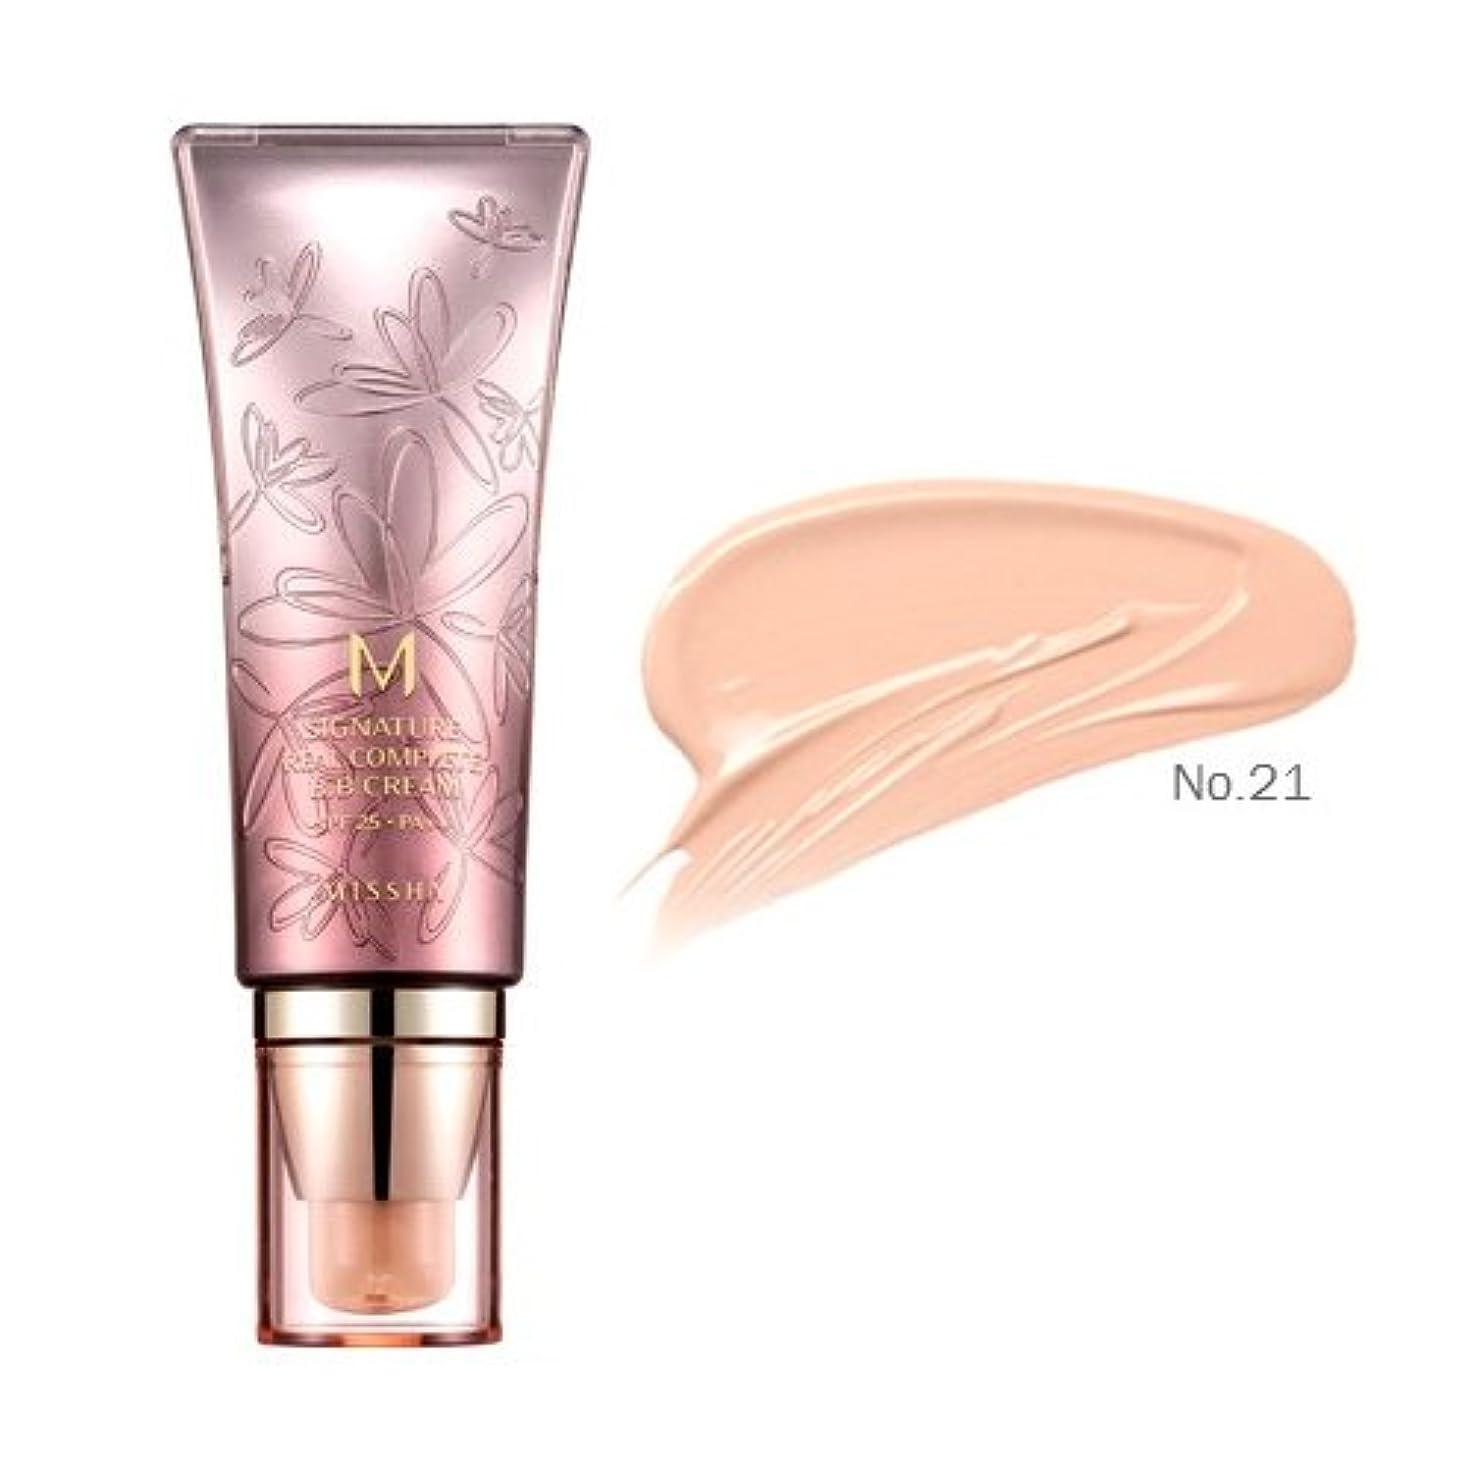 維持する退院証言(3 Pack) MISSHA M Signature Real Complete B.B Cream SPF 25 PA++ No. 21 Light Pink Beige (並行輸入品)